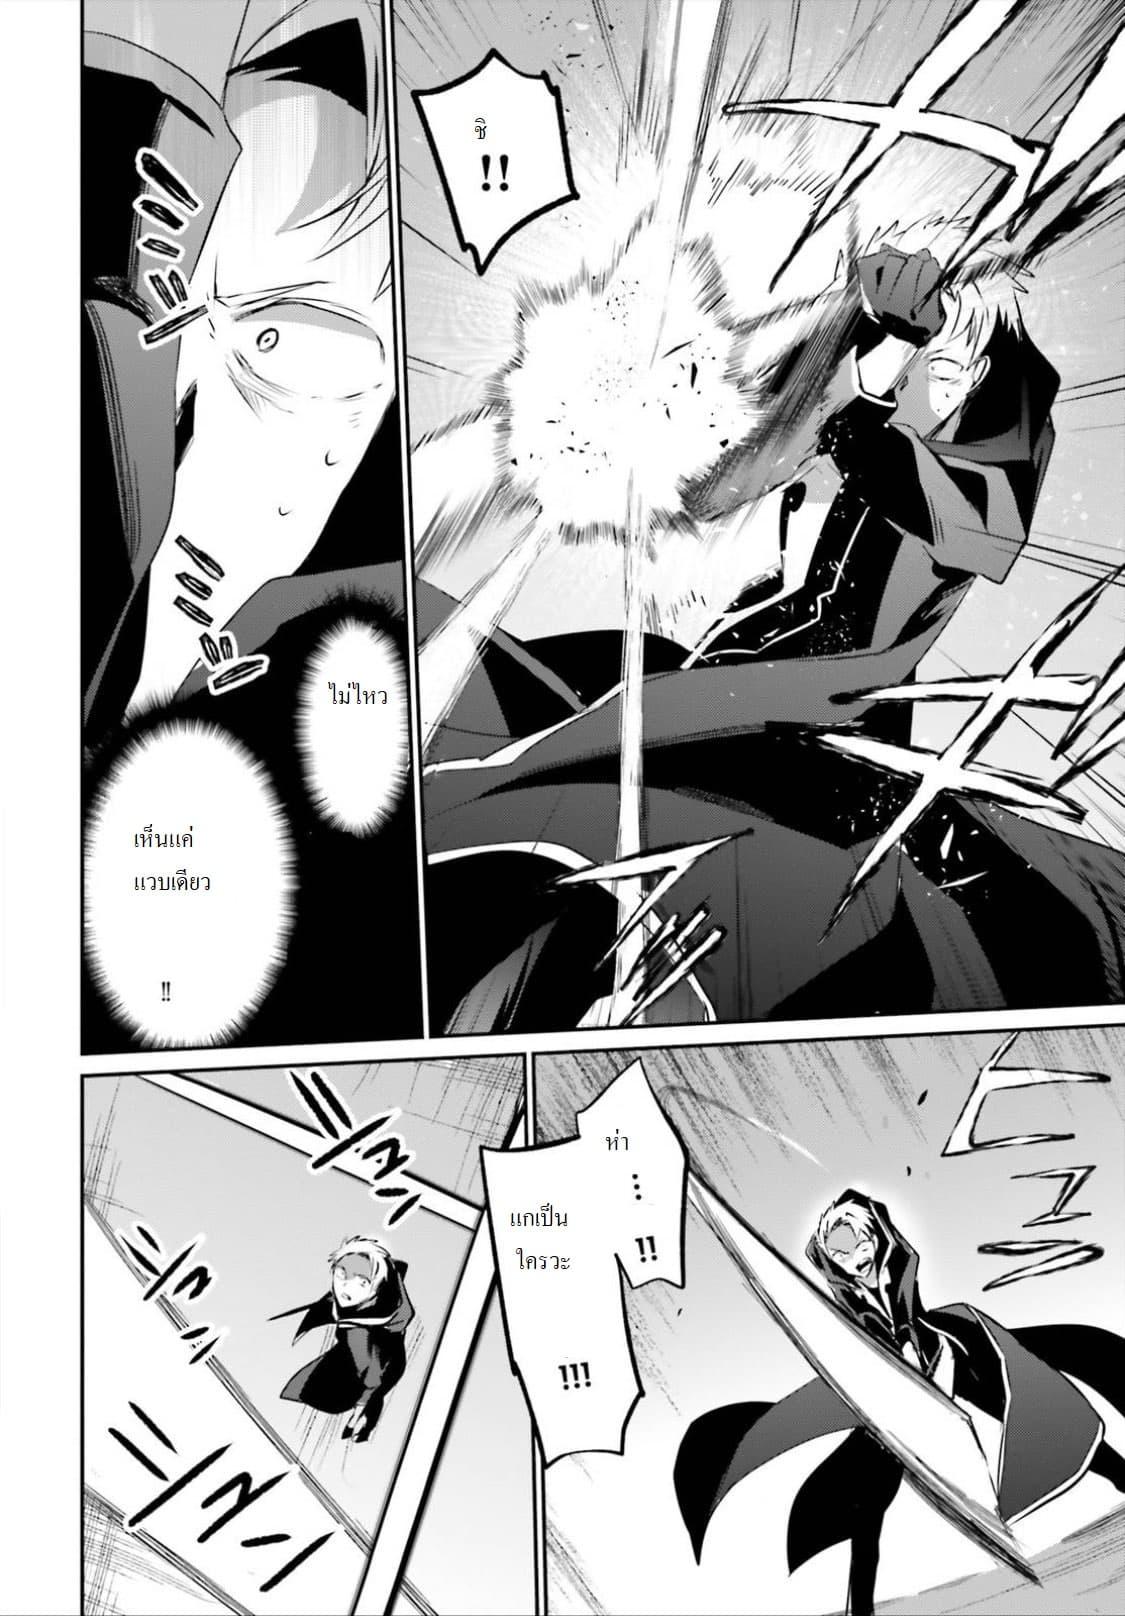 อ่านการ์ตูน Kage no Jitsuryokusha ni Naritakute! ตอนที่ 11 หน้าที่ 20